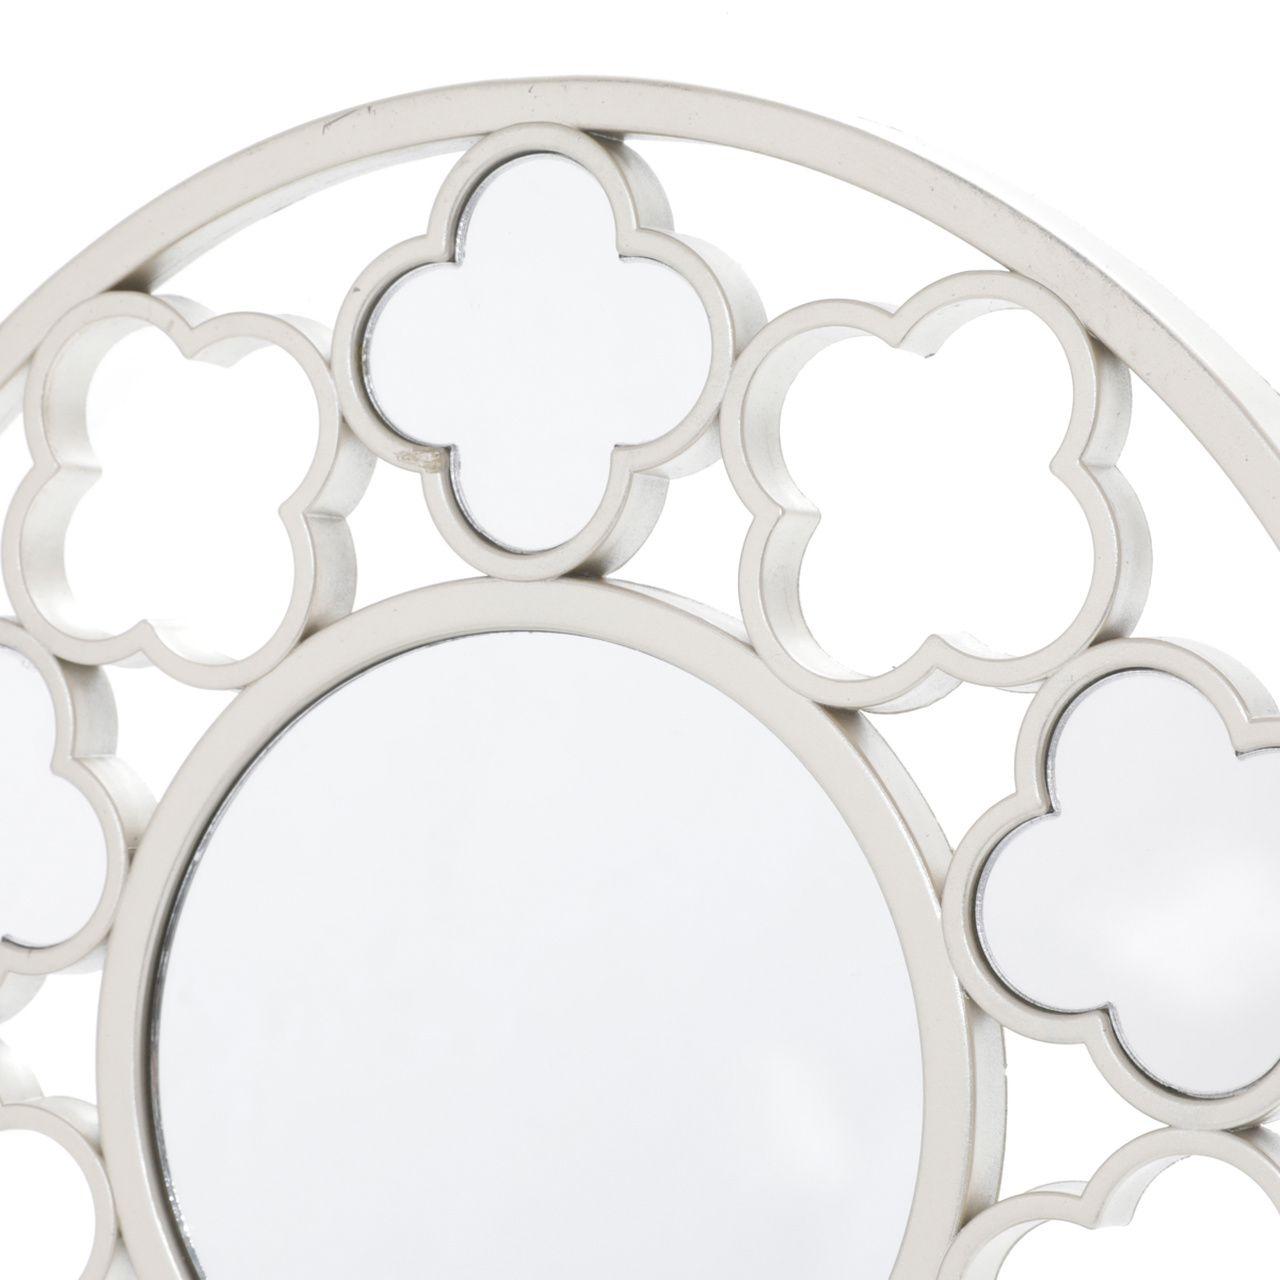 Conjunto 3 Espelhos de Parede 25x25cm